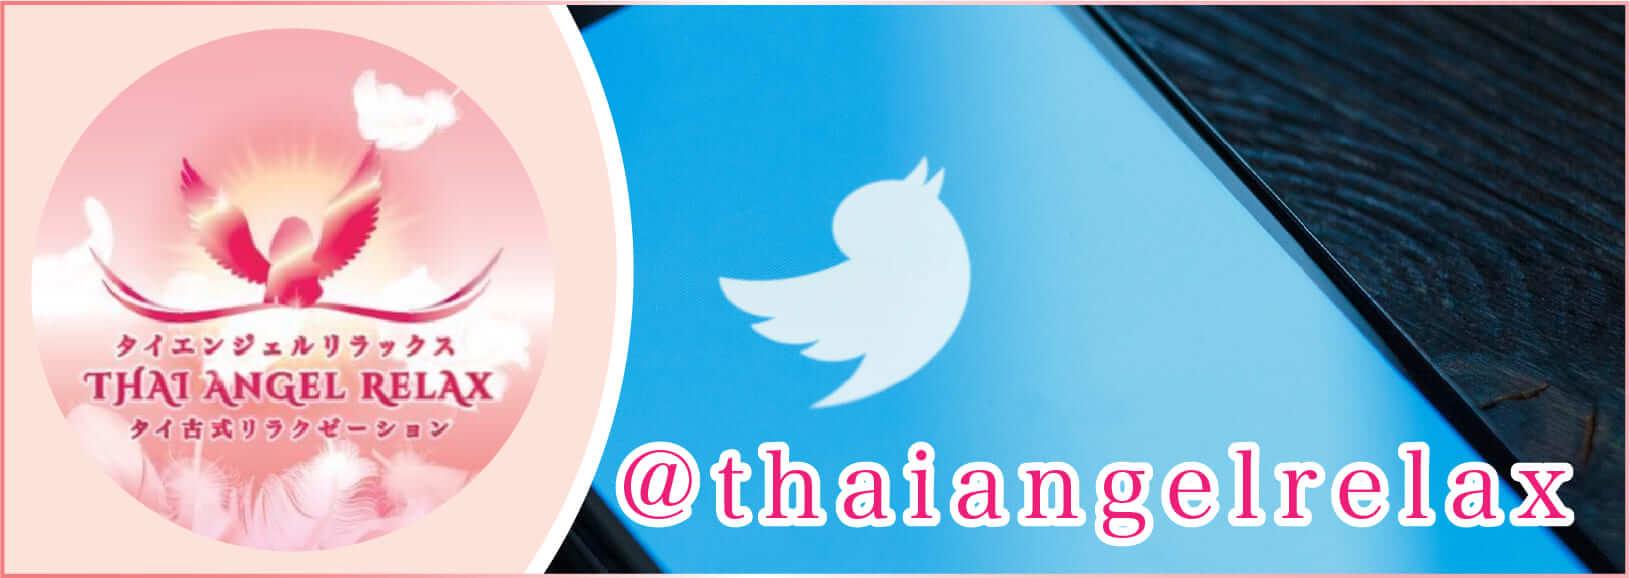 _thaiangelrelax